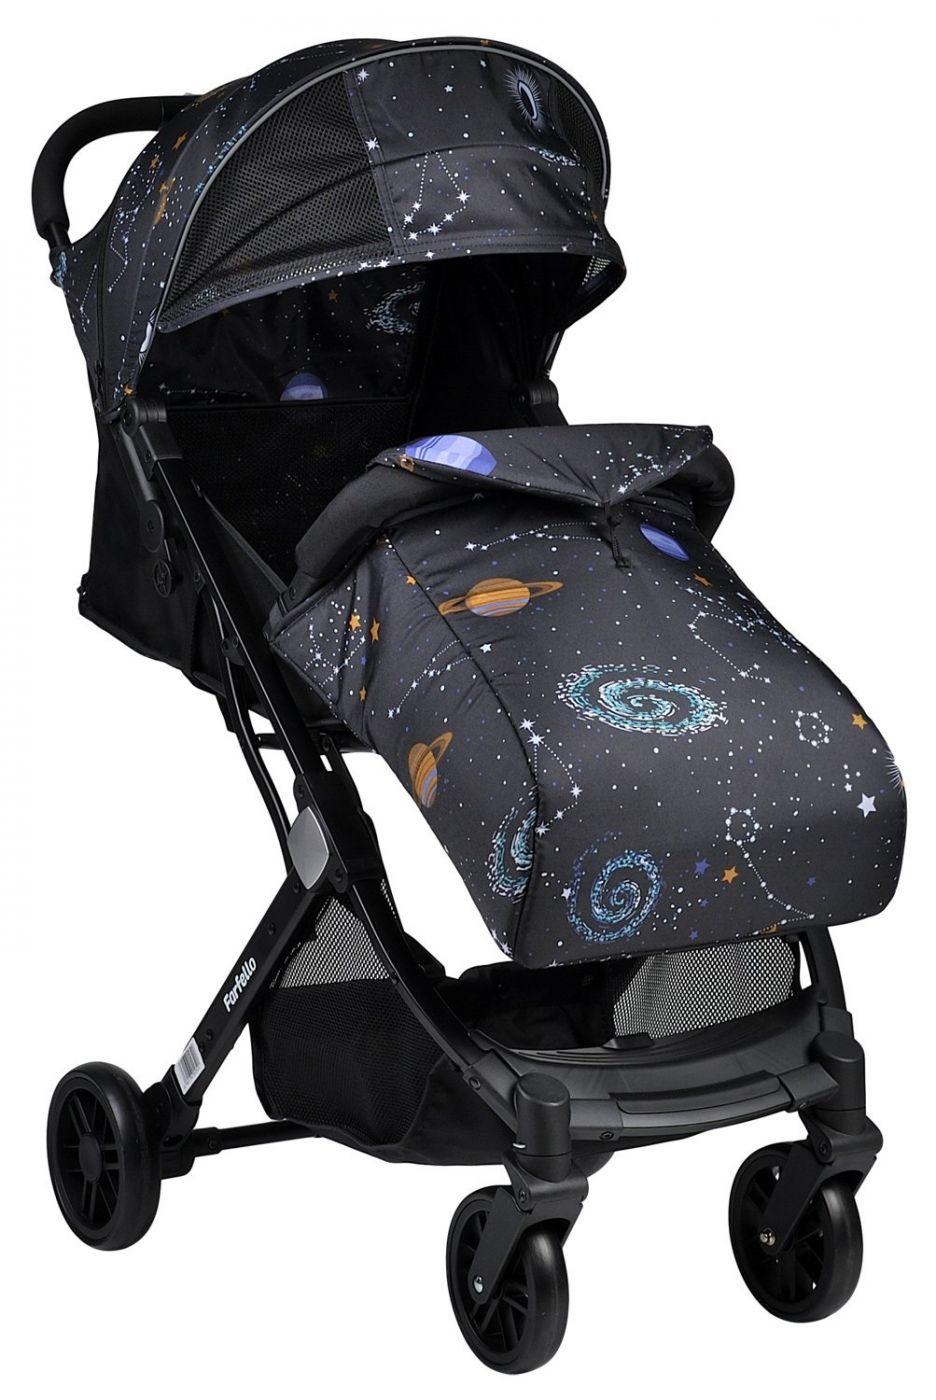 Прогулочная коляска Farfello Comfy Go Space, космический